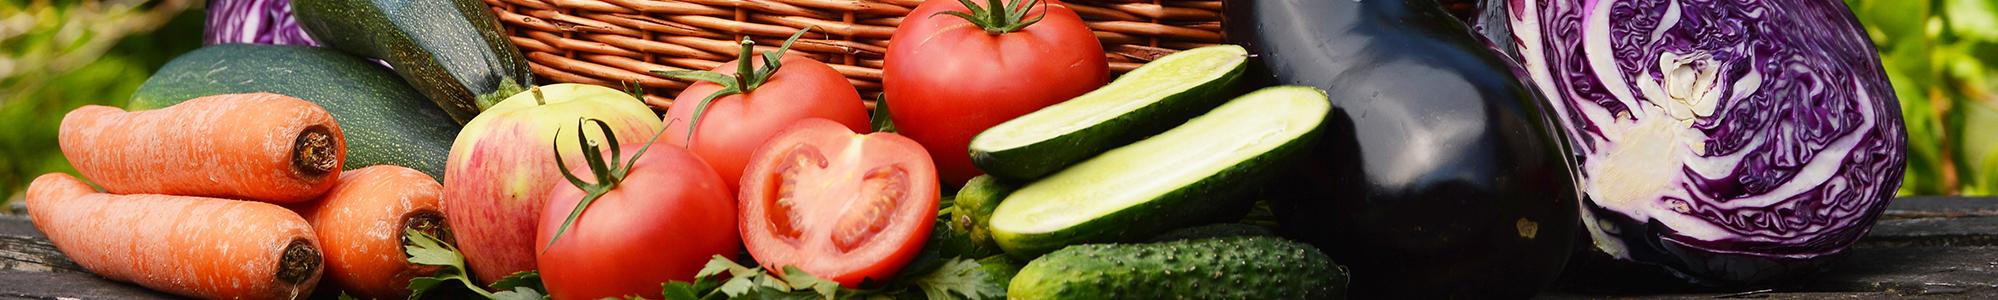 Abbildung von buntem Gemüse und Tomaten